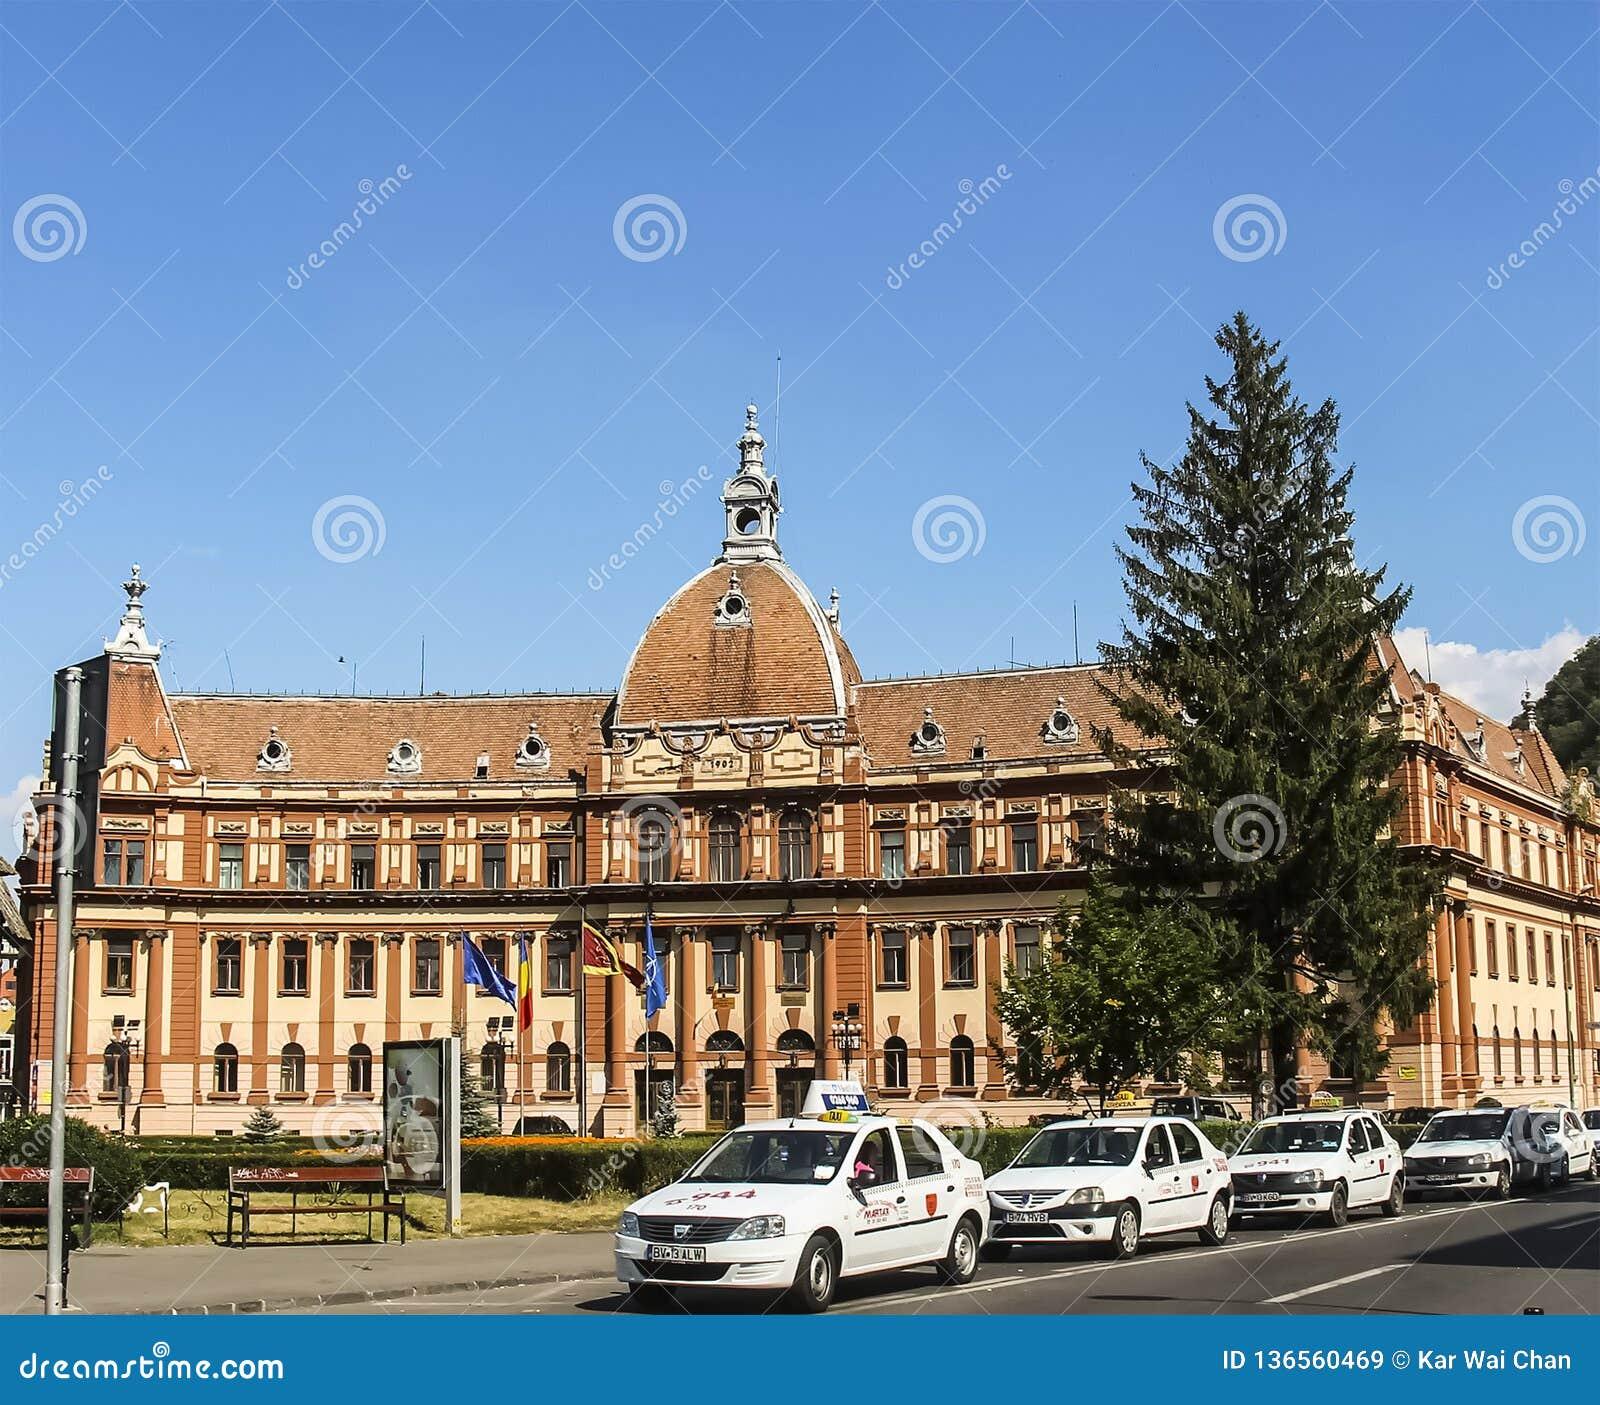 Prefectura Brasov ist ein historisches Monument, im Jahre 1902 errichtet